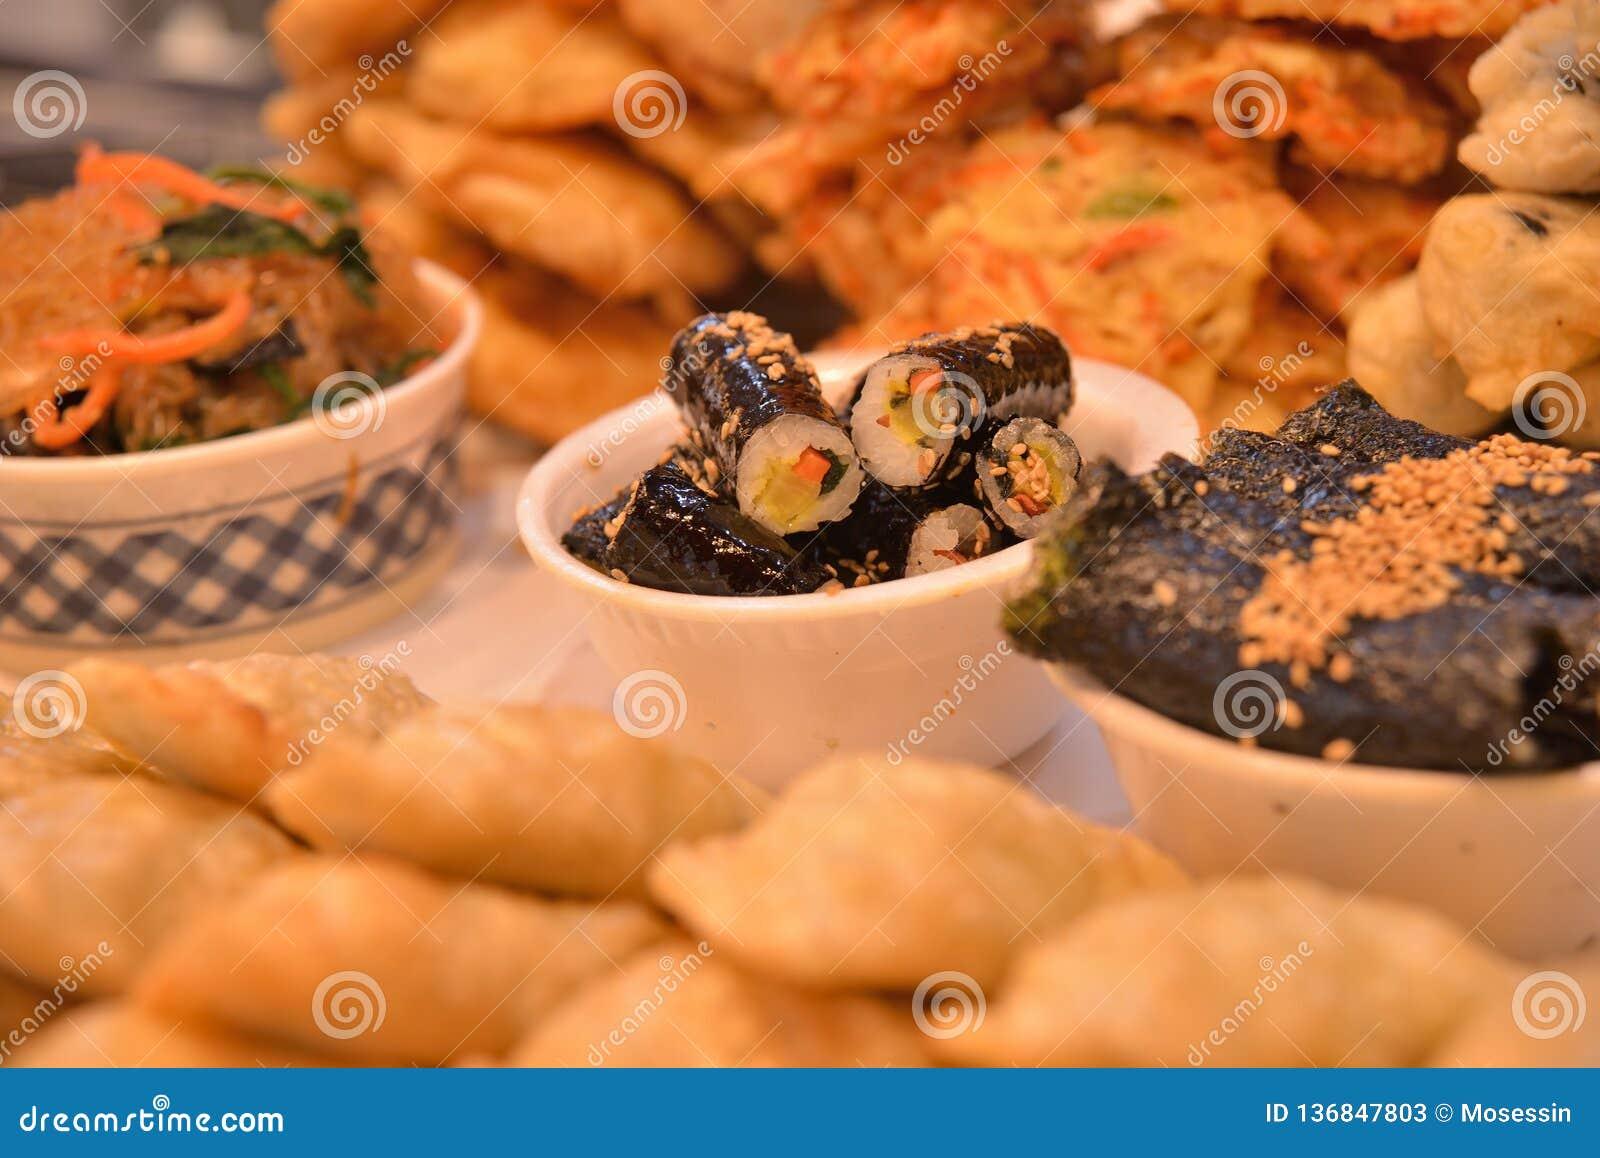 Petit pain de sushi coréen de style dans la cuvette